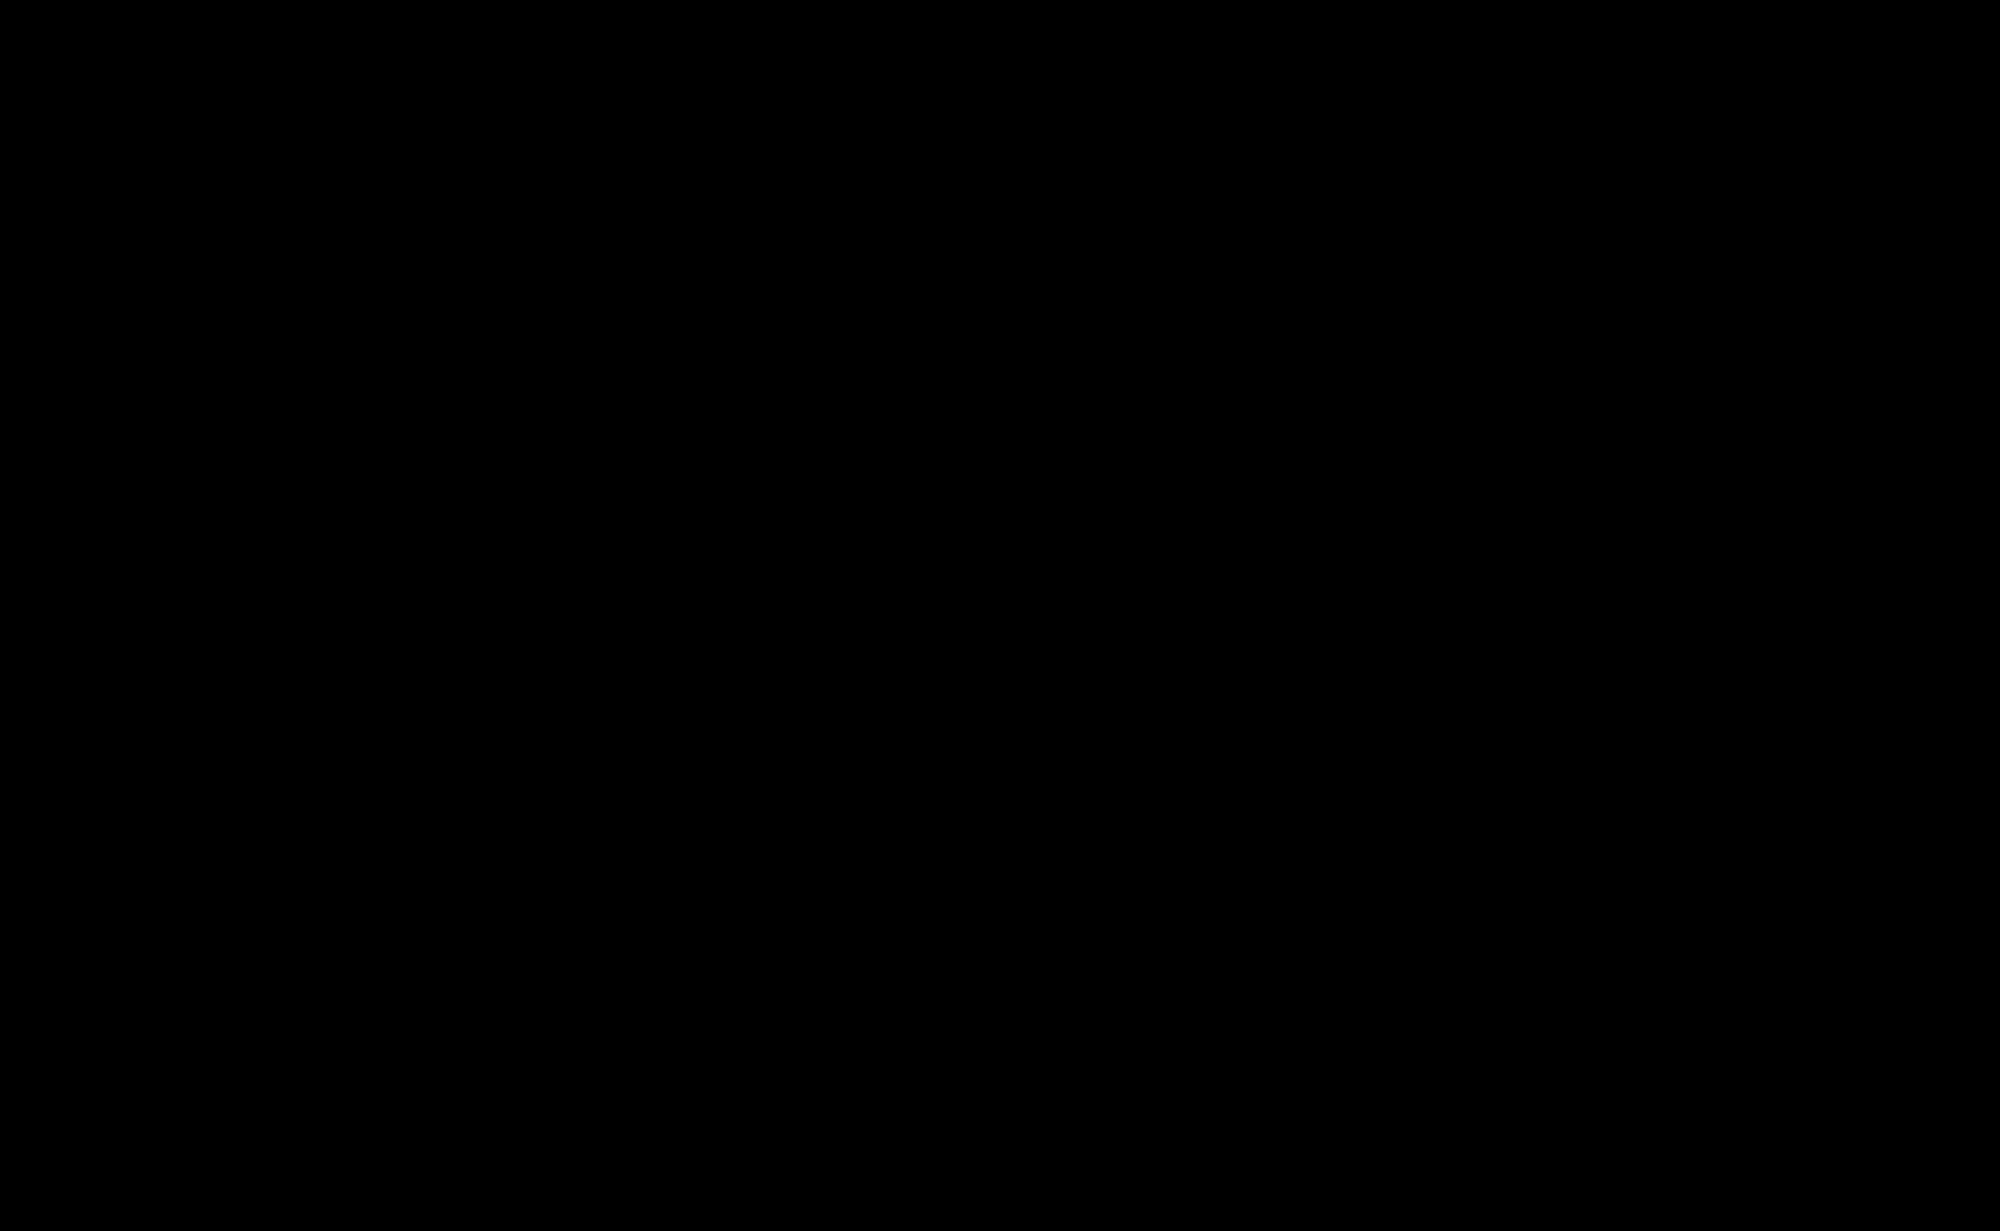 รีวิว Yoobao B10 พาวเวอร์แบงค์ 20000 mAh รองรับทุกค่าย พกสายเส้นเดียวจบ